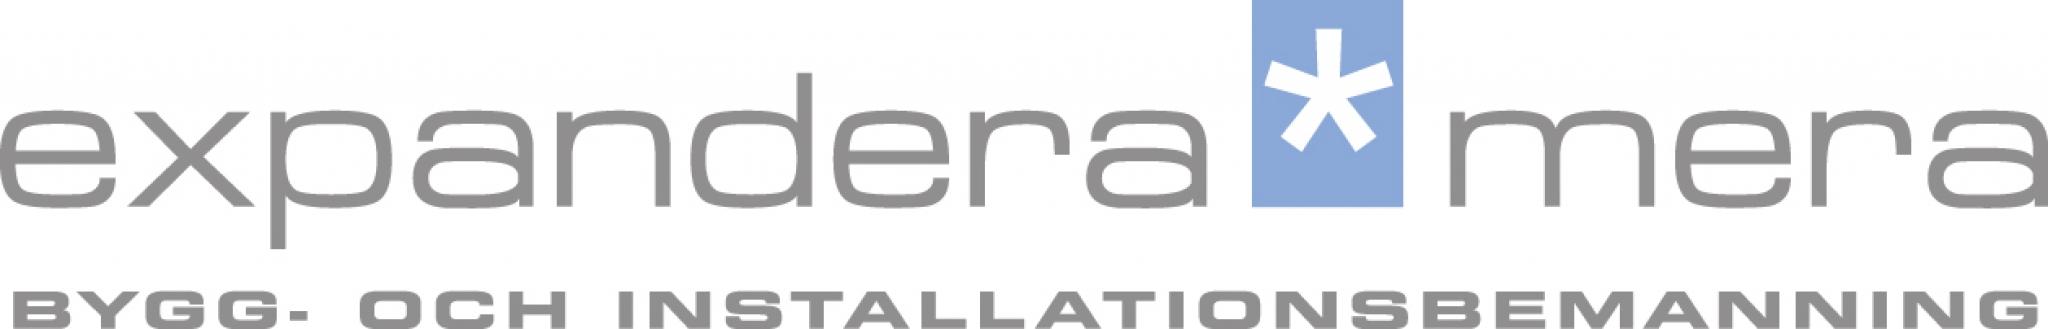 ExpanderaMera söker tjänstemän till ett flertal kunder